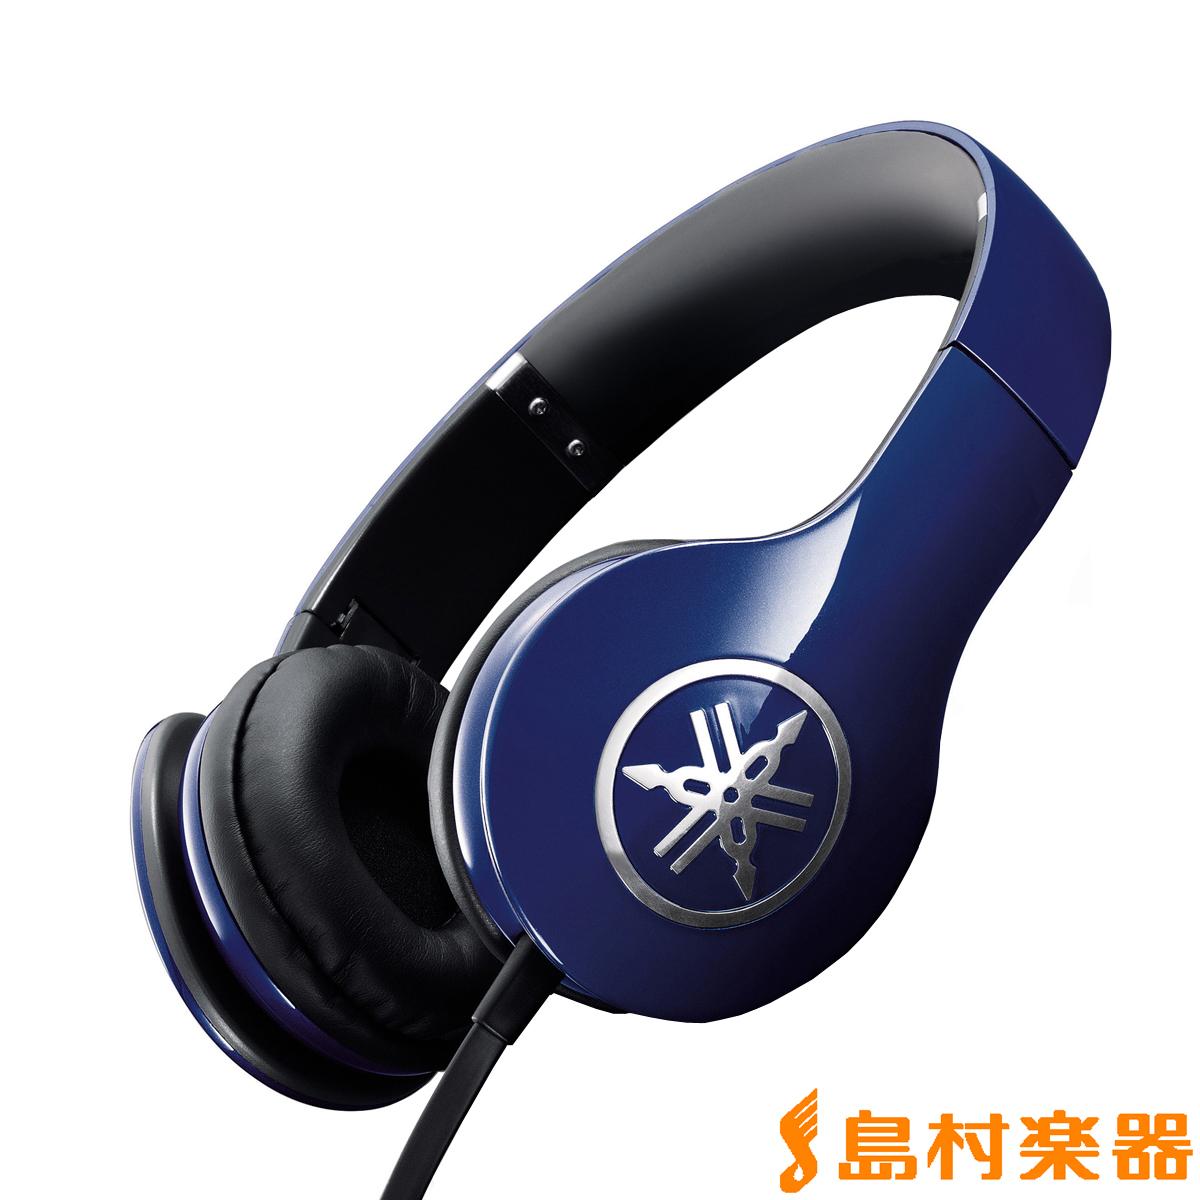 YAMAHA HPH-PRO300 A (レーシングブルー) ヘッドホン iOS対応 【ヤマハ HPHPRO300】